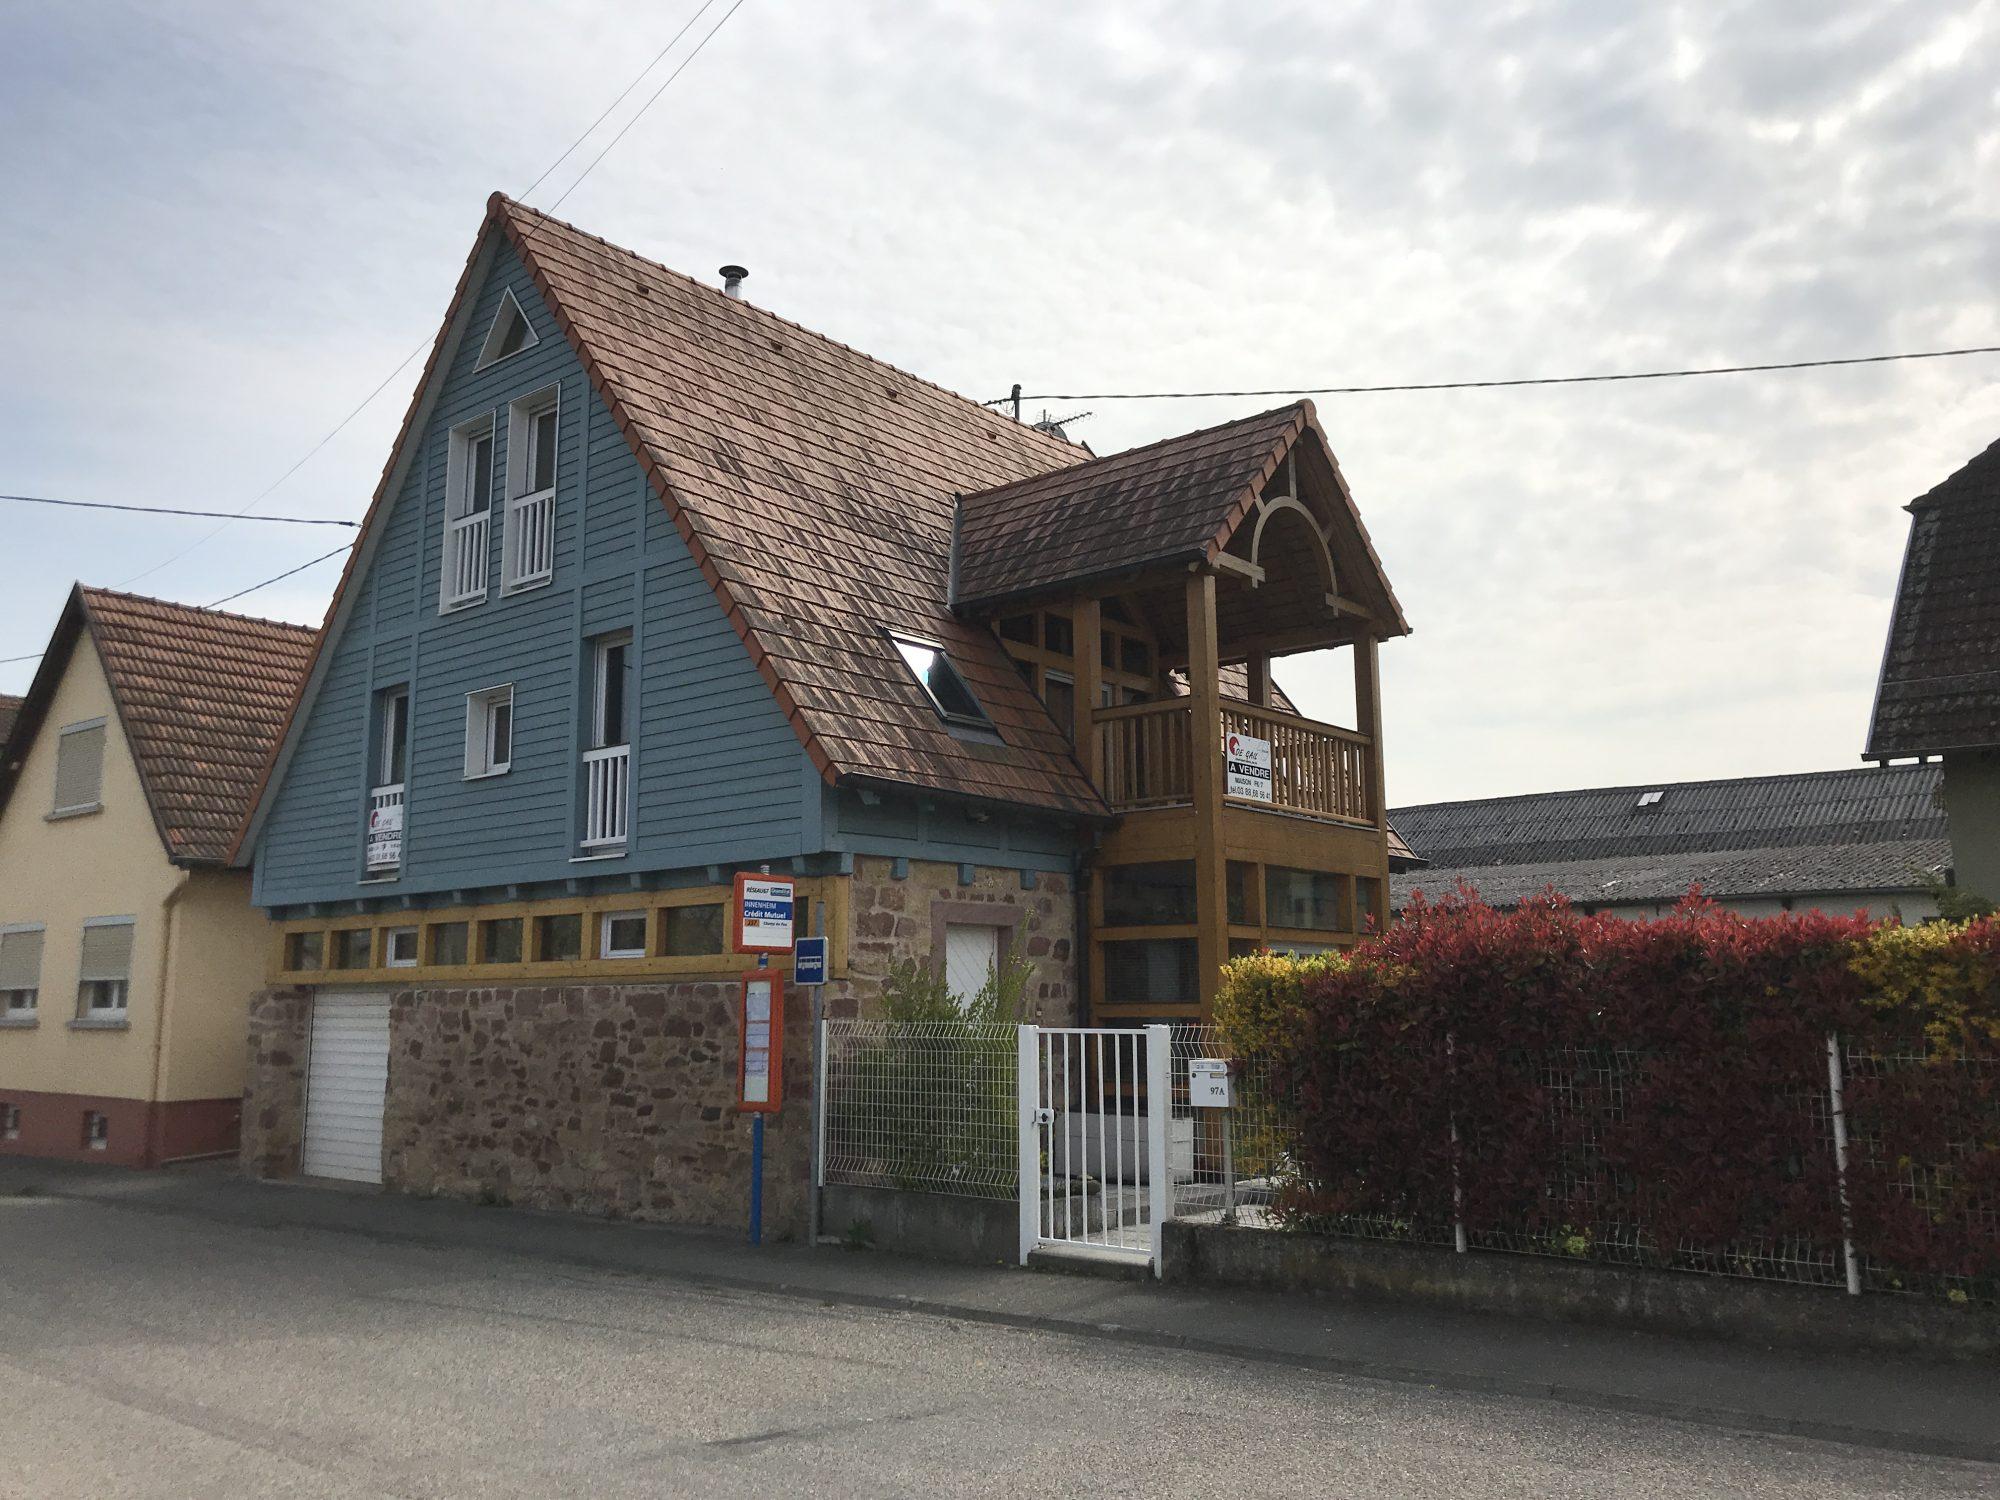 MAISON D'ARCHITECTE DE 7 PIÈCES - Devenez propriétaire en toute confiance - Bintz Immobilier - 12